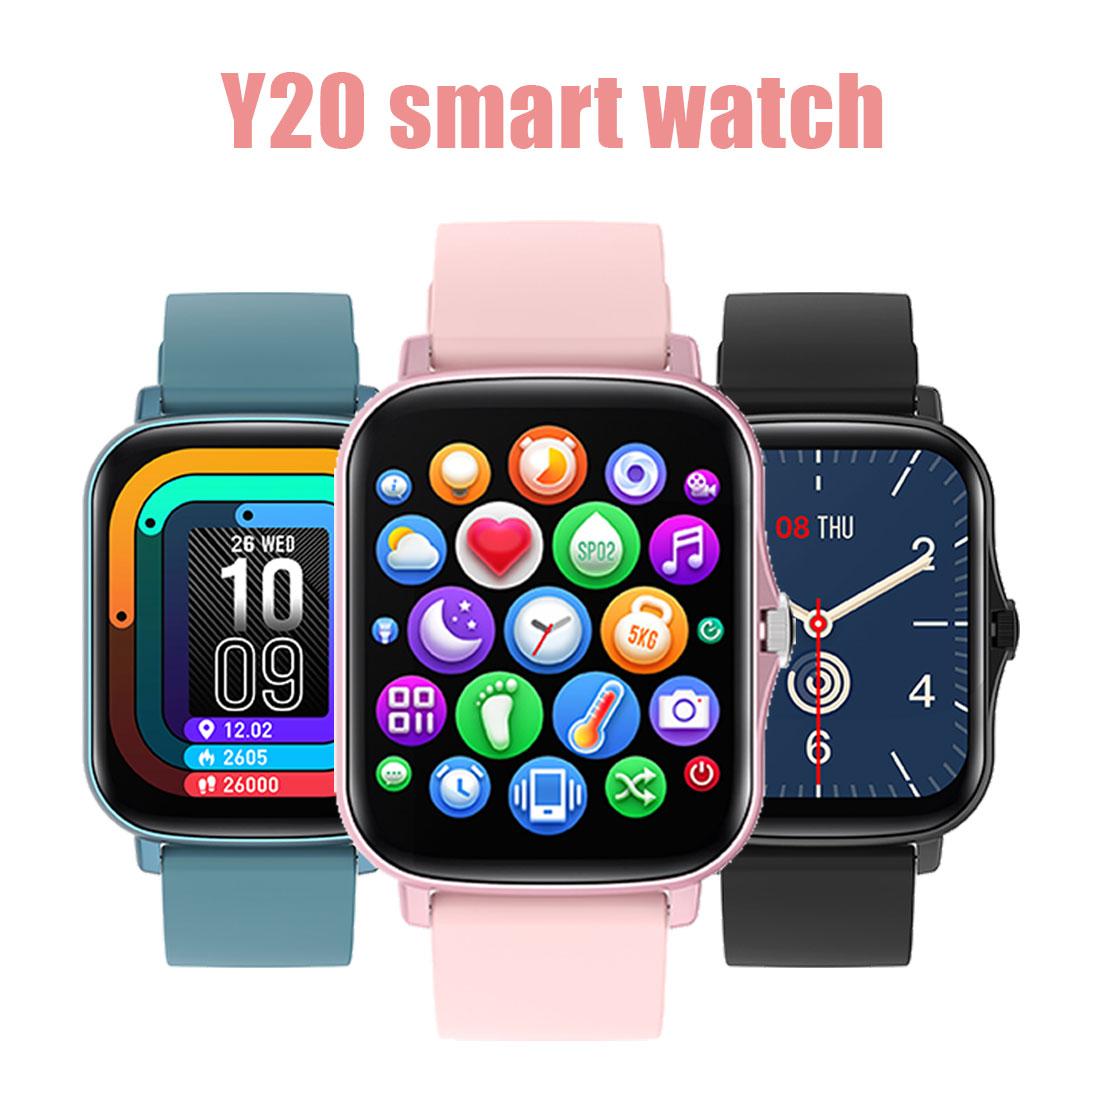 Função de Botão Nova Relógio Inteligente 1.7 Grande Tela Rotativo Pedômetro Freqüência Cardíaca Pressão Arterial Mensagem 2021 Y20